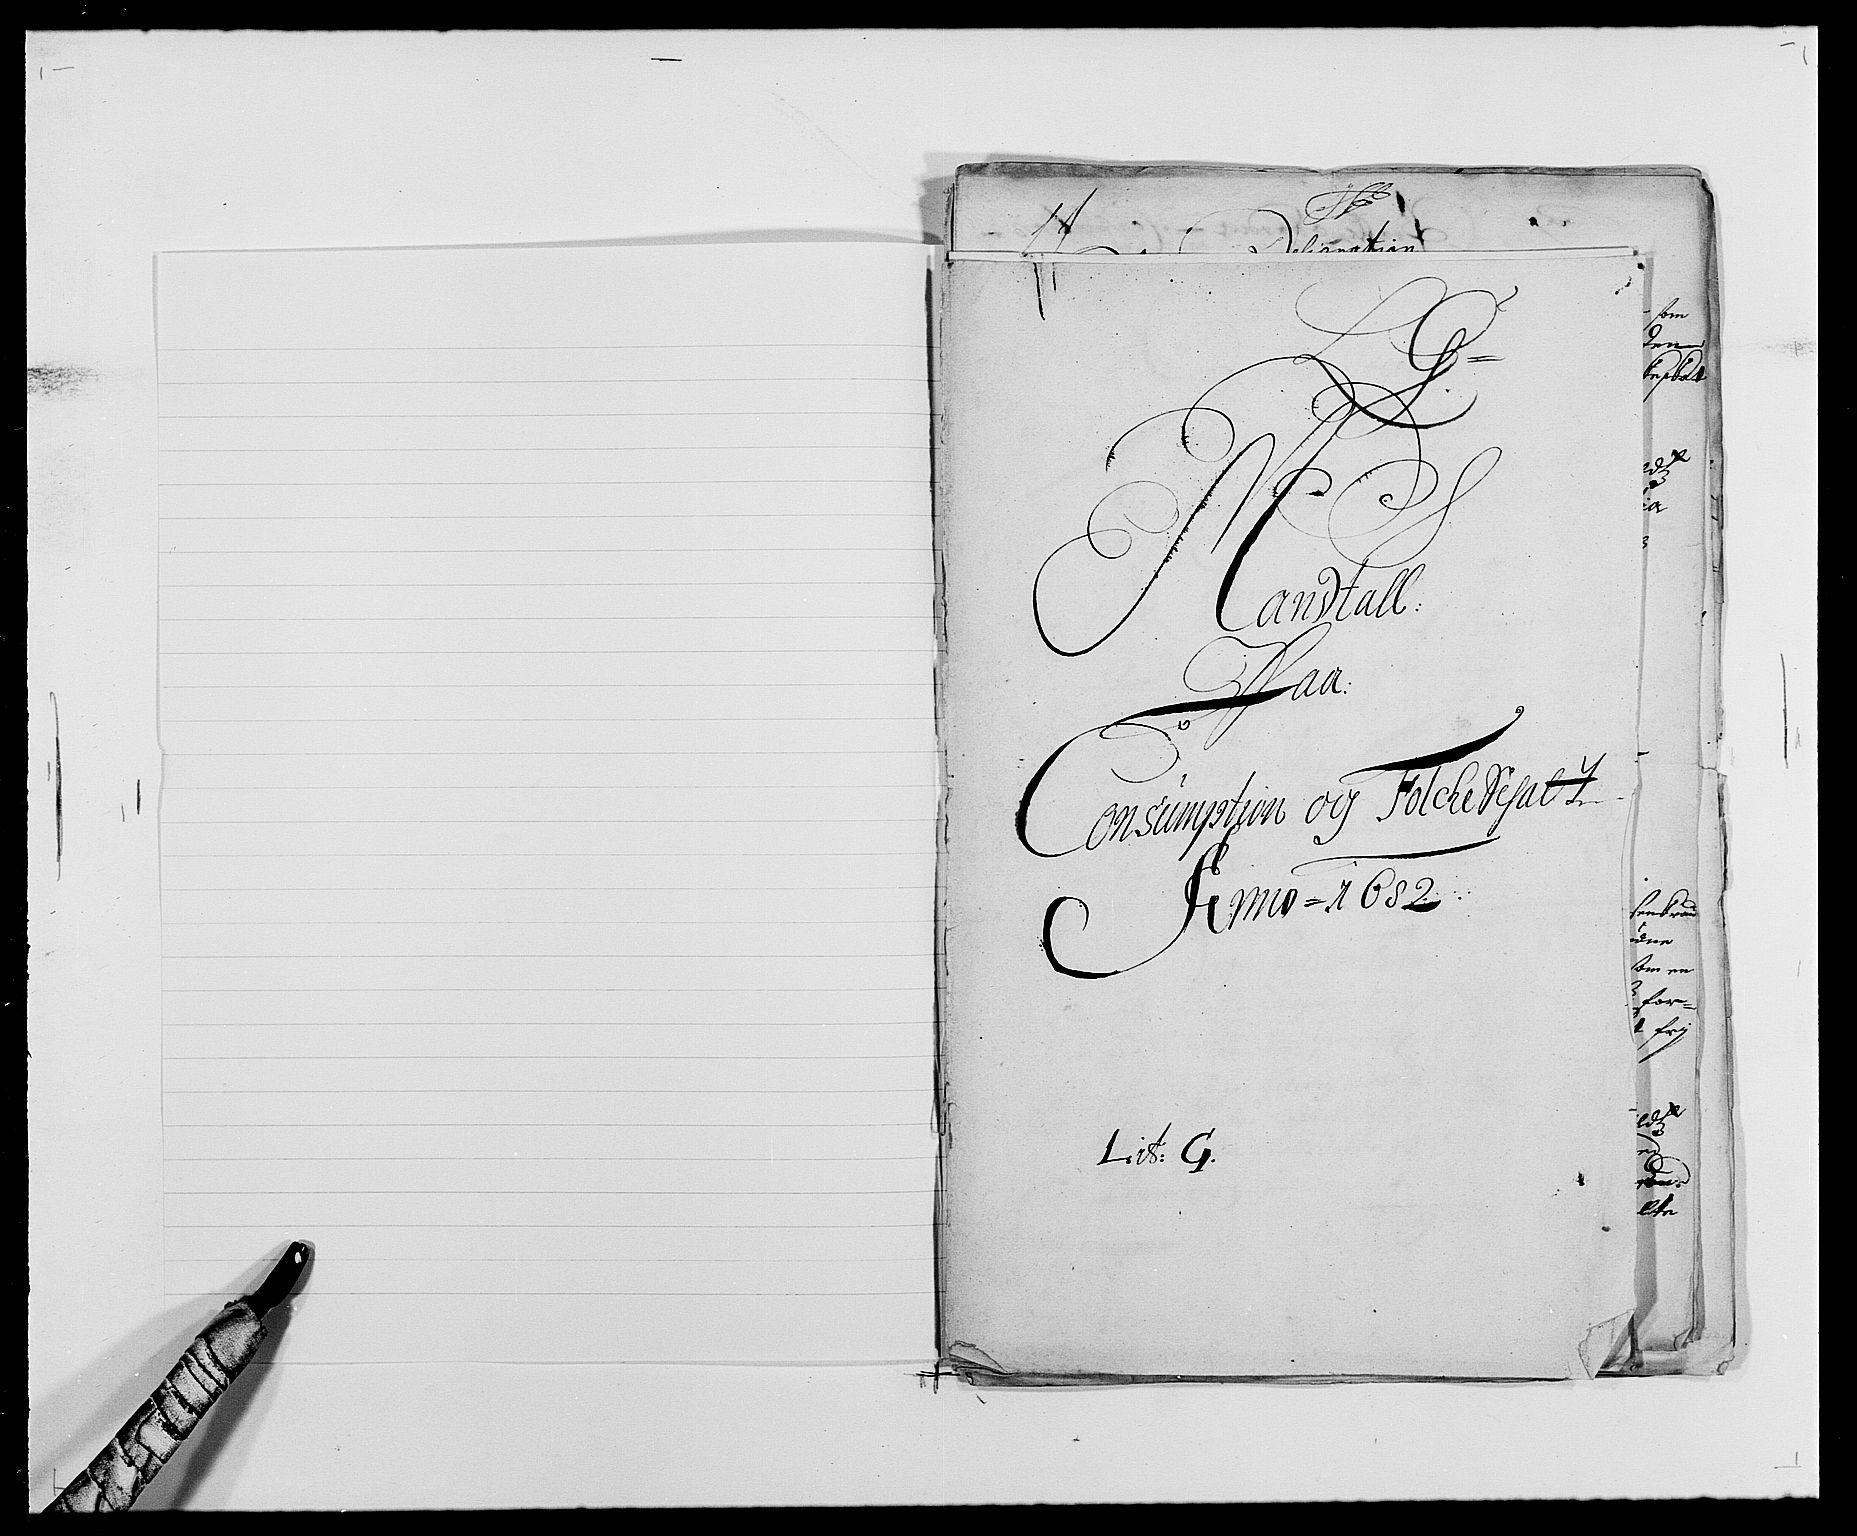 RA, Rentekammeret inntil 1814, Reviderte regnskaper, Fogderegnskap, R29/L1692: Fogderegnskap Hurum og Røyken, 1682-1687, s. 94